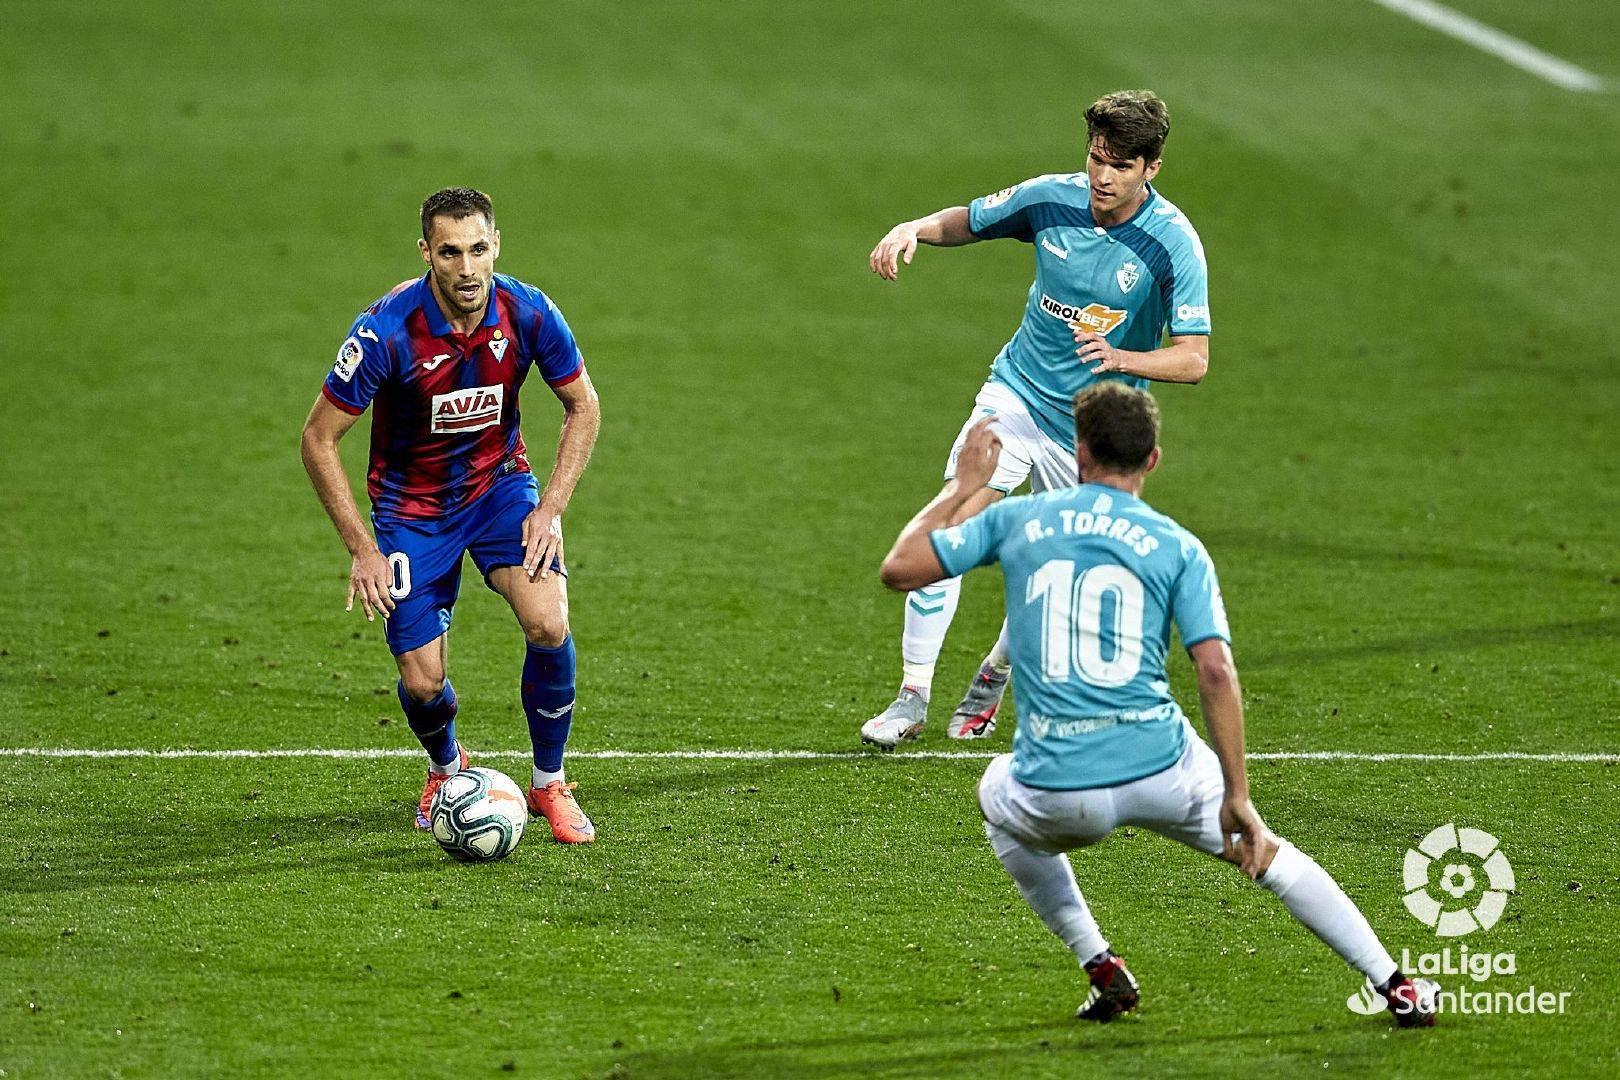 西甲第33轮奥萨苏纳客场2:0埃瓦尔,鲁文加西亚梅开二度